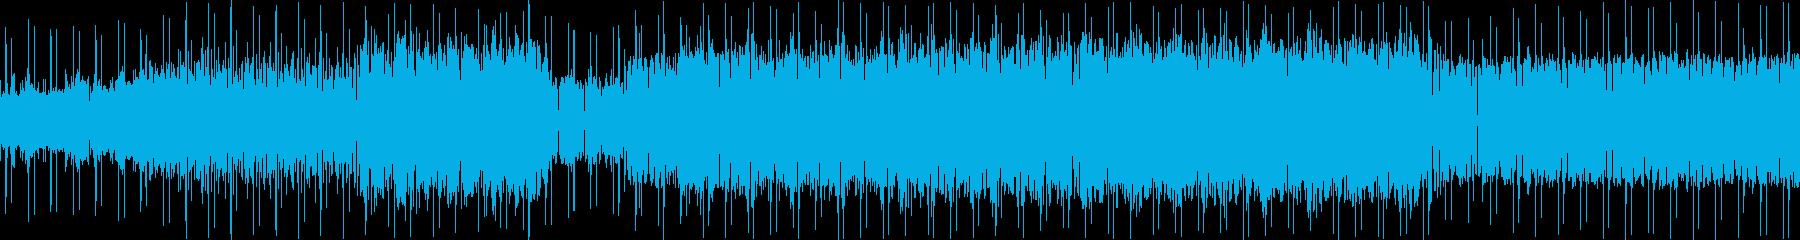 80'sを感じさせるエレクトロの再生済みの波形